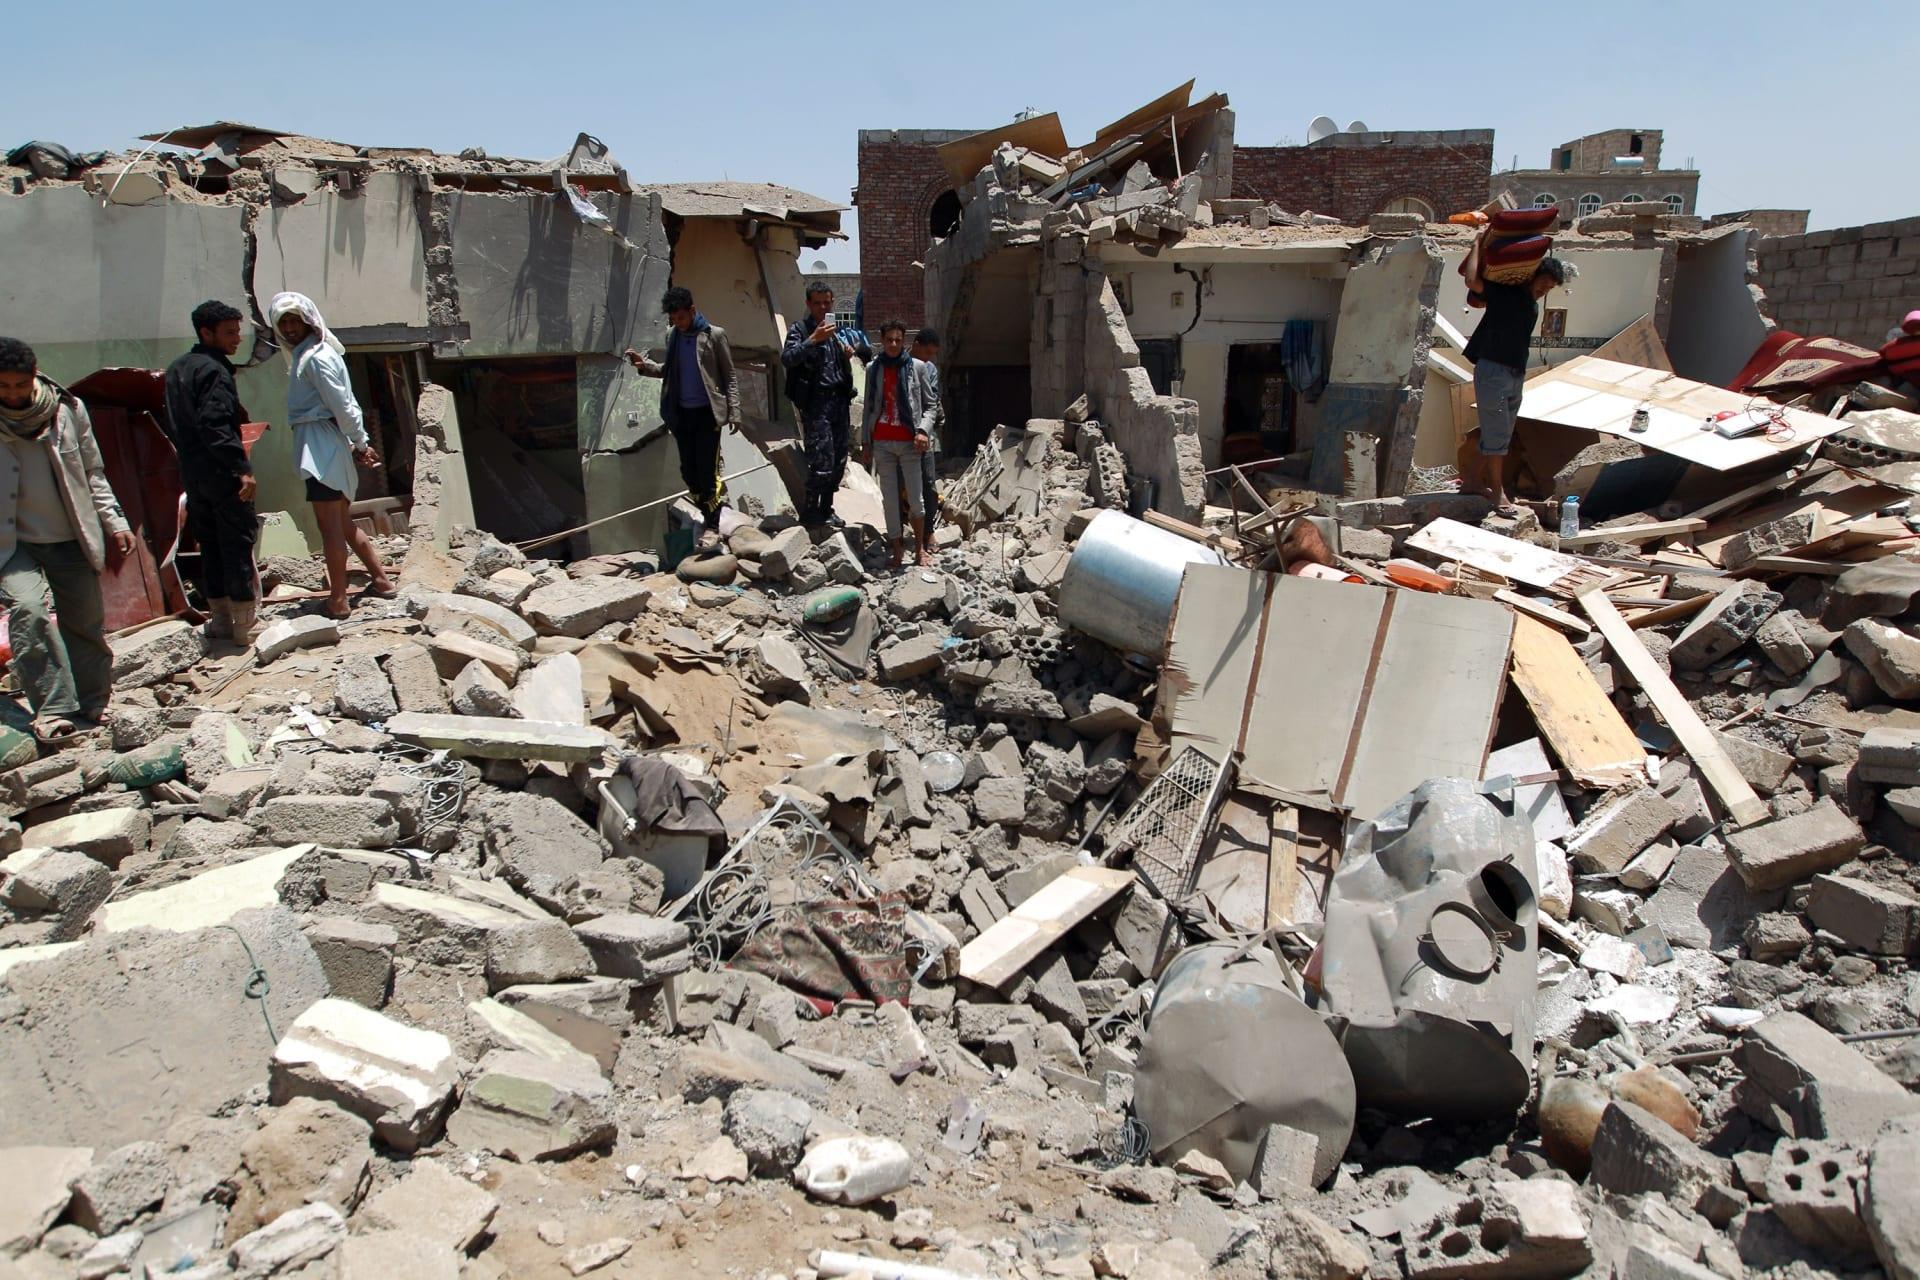 عسيري: العمليات تكثفت ضد الحوثيين وإذا وجد معهم قوات من الحرس الثوري وحزب الله سيلقون نفس المصير